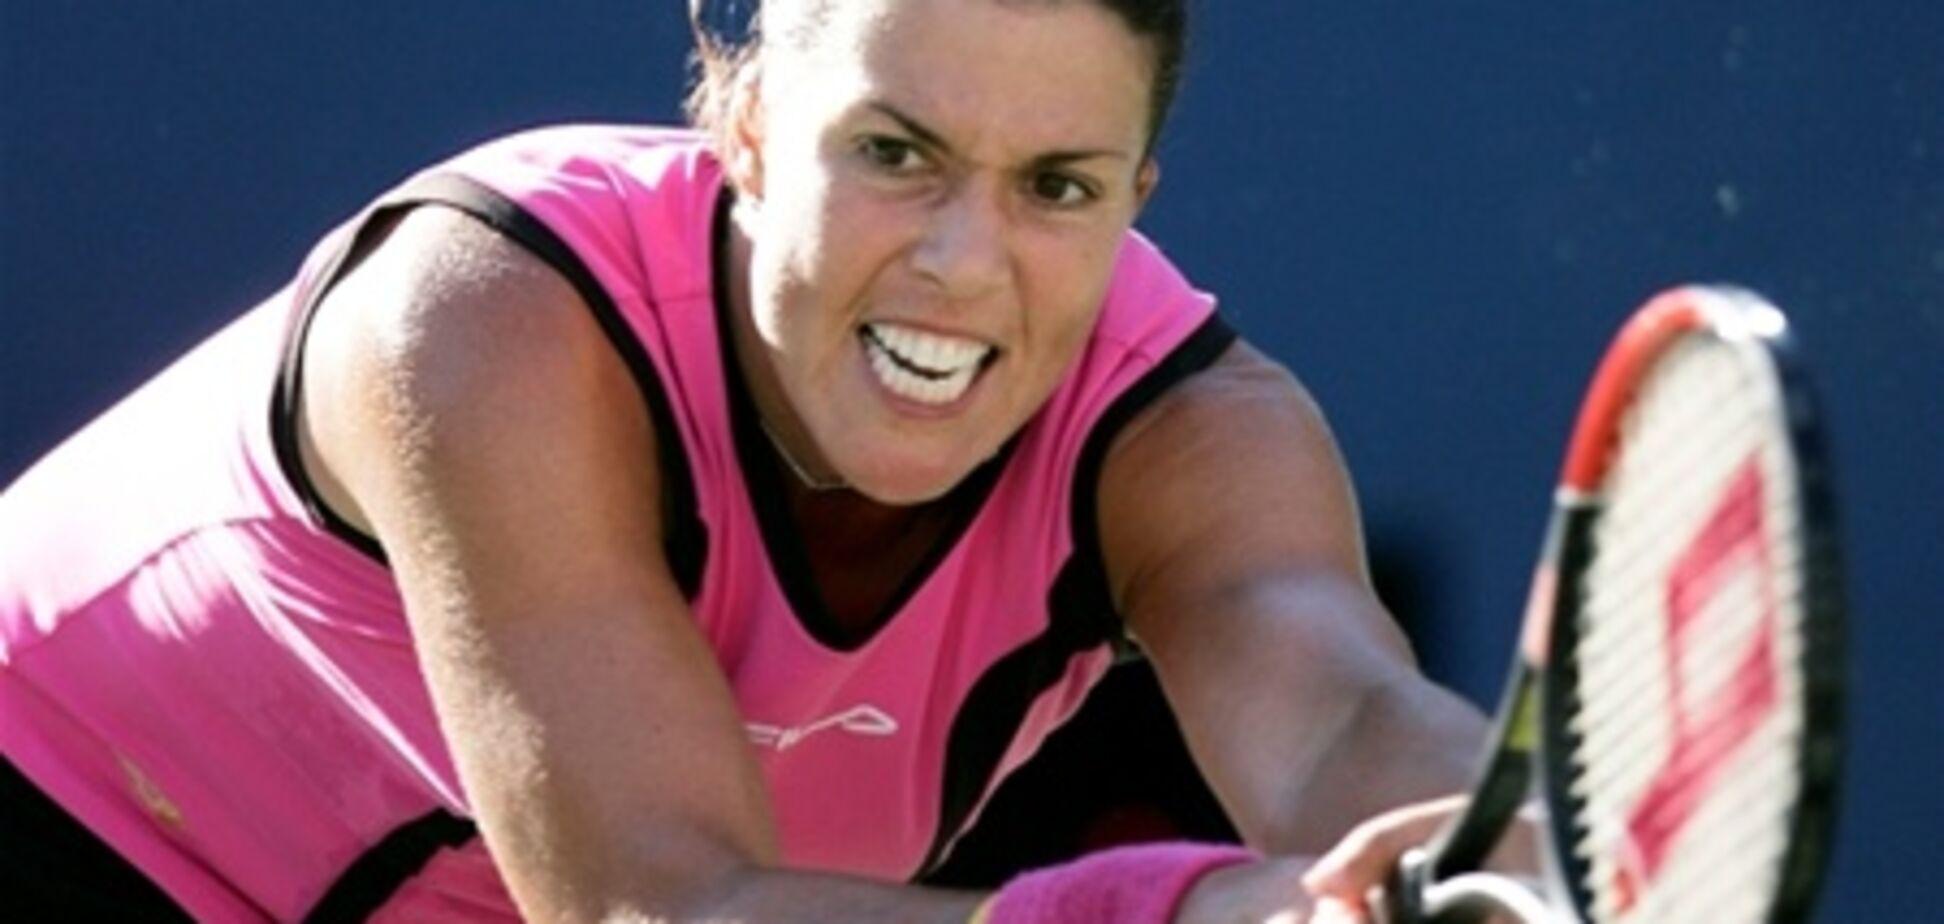 Олимпийская чемпионка попала в суд за драку с бойфрендом